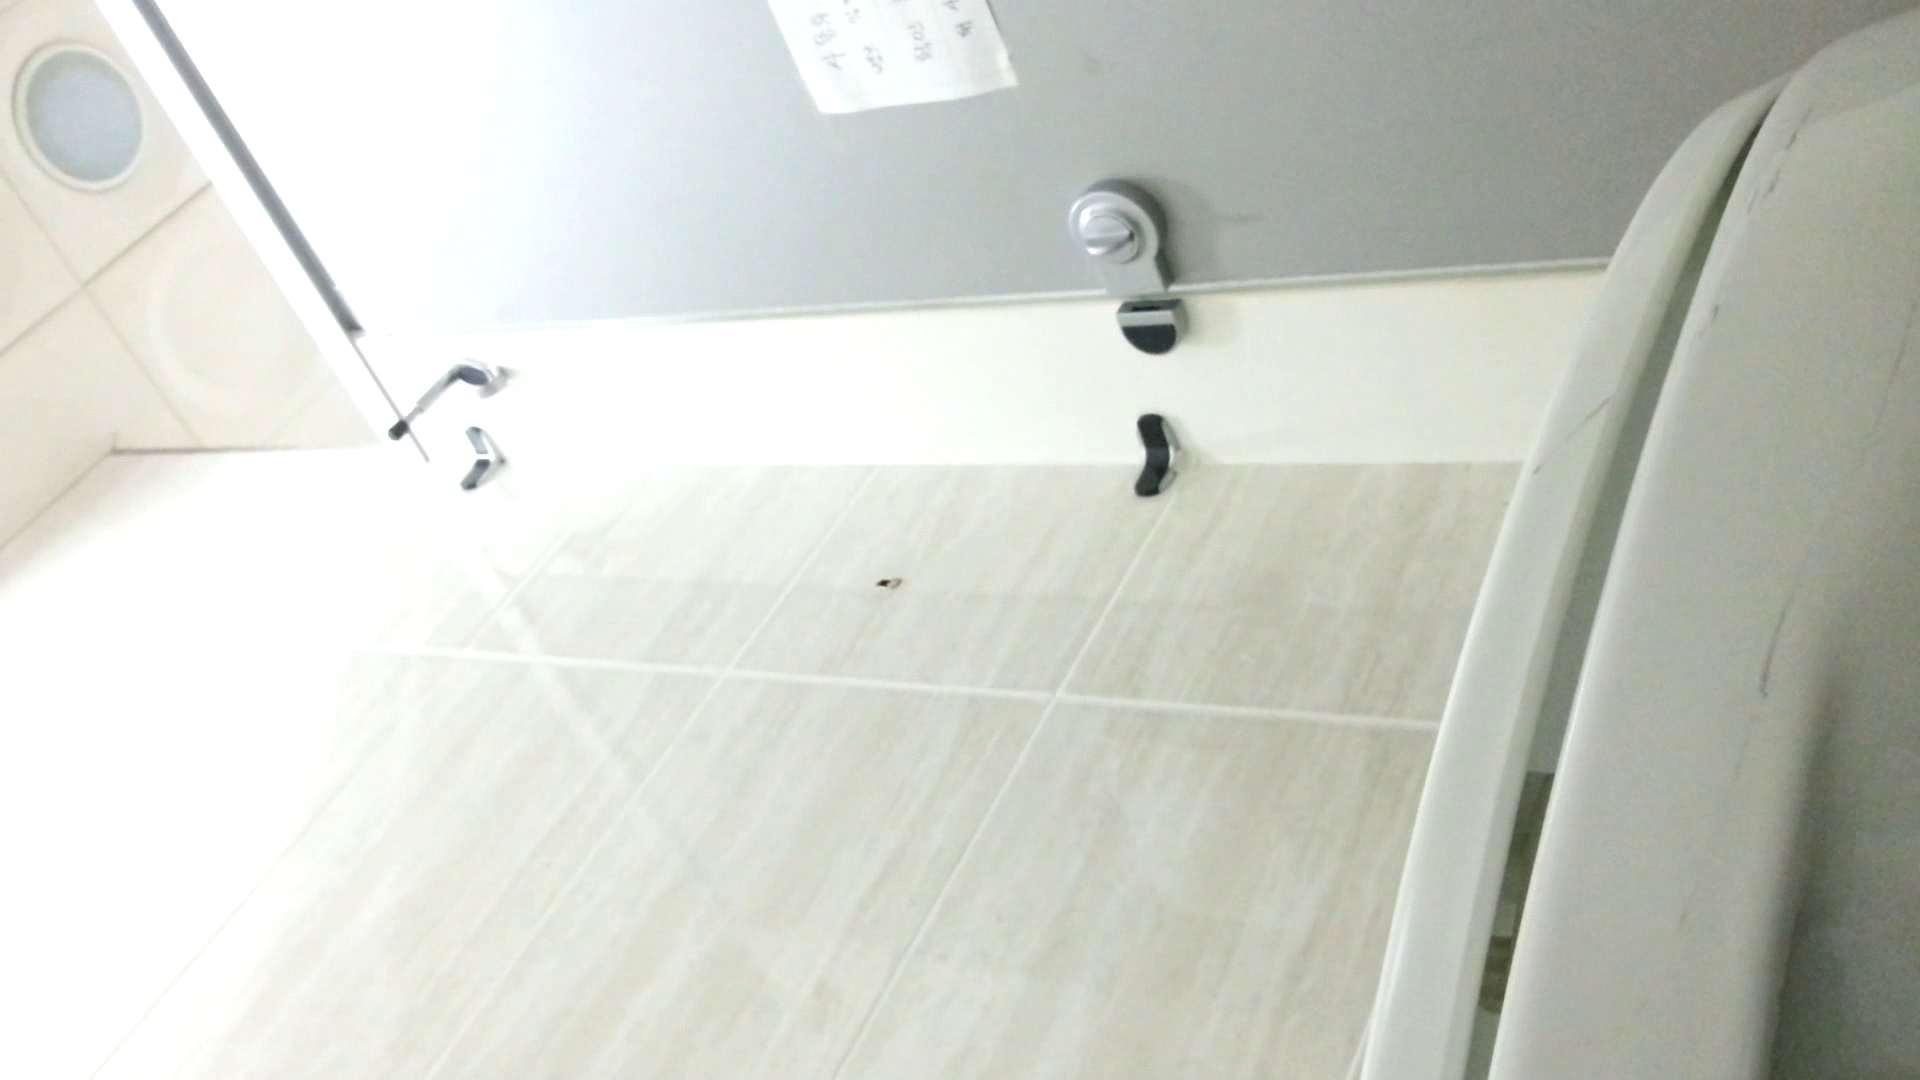 韓流トイレ盗撮vol.02 トイレ | 盗撮  67pic 29